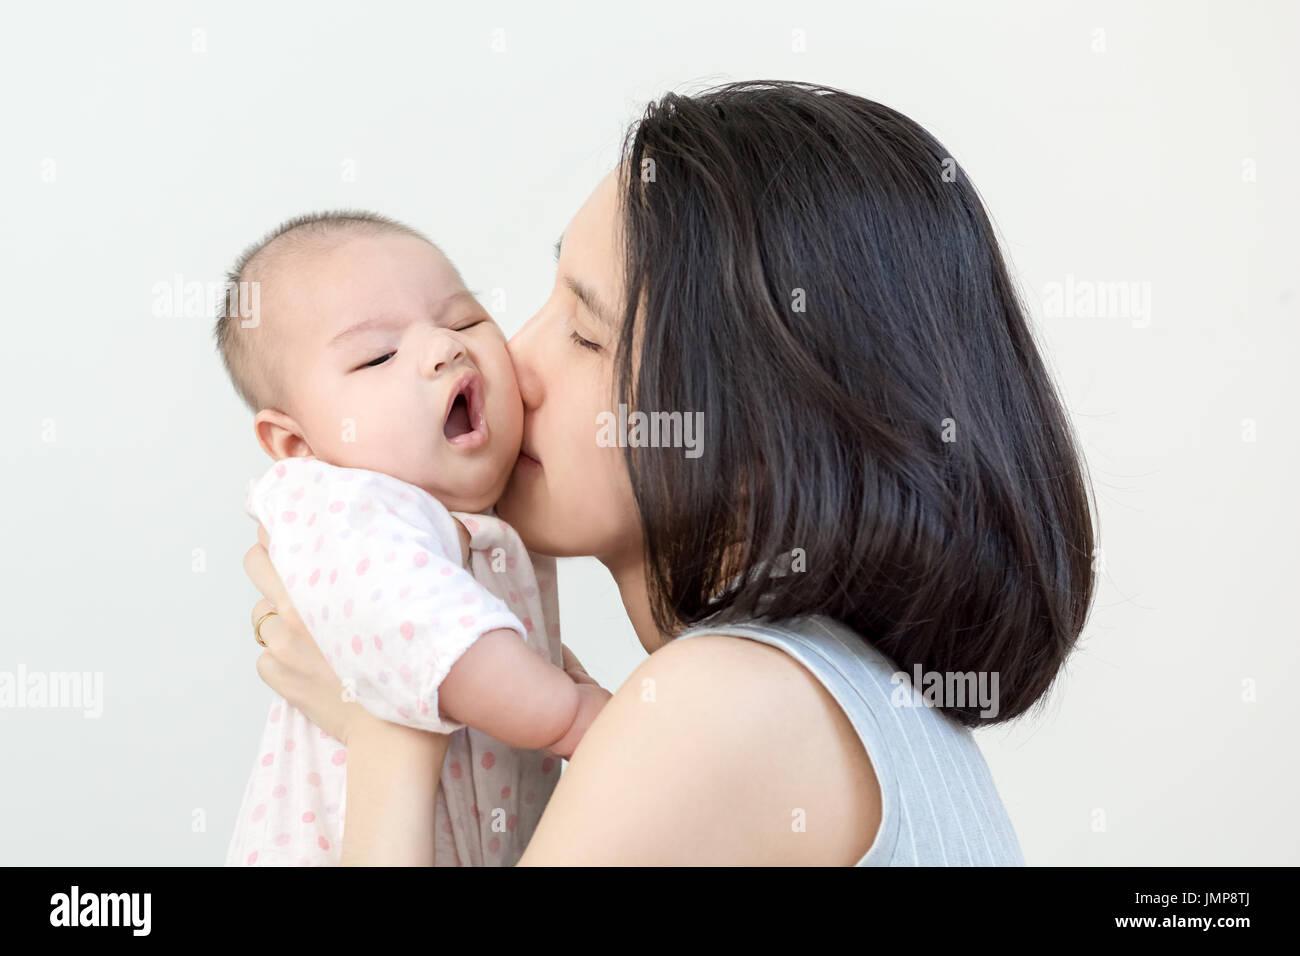 Ritratto di felice madre asiatica baciando e abbracciando il suo grazioso piccolo bambino su sfondo grigio Foto Stock